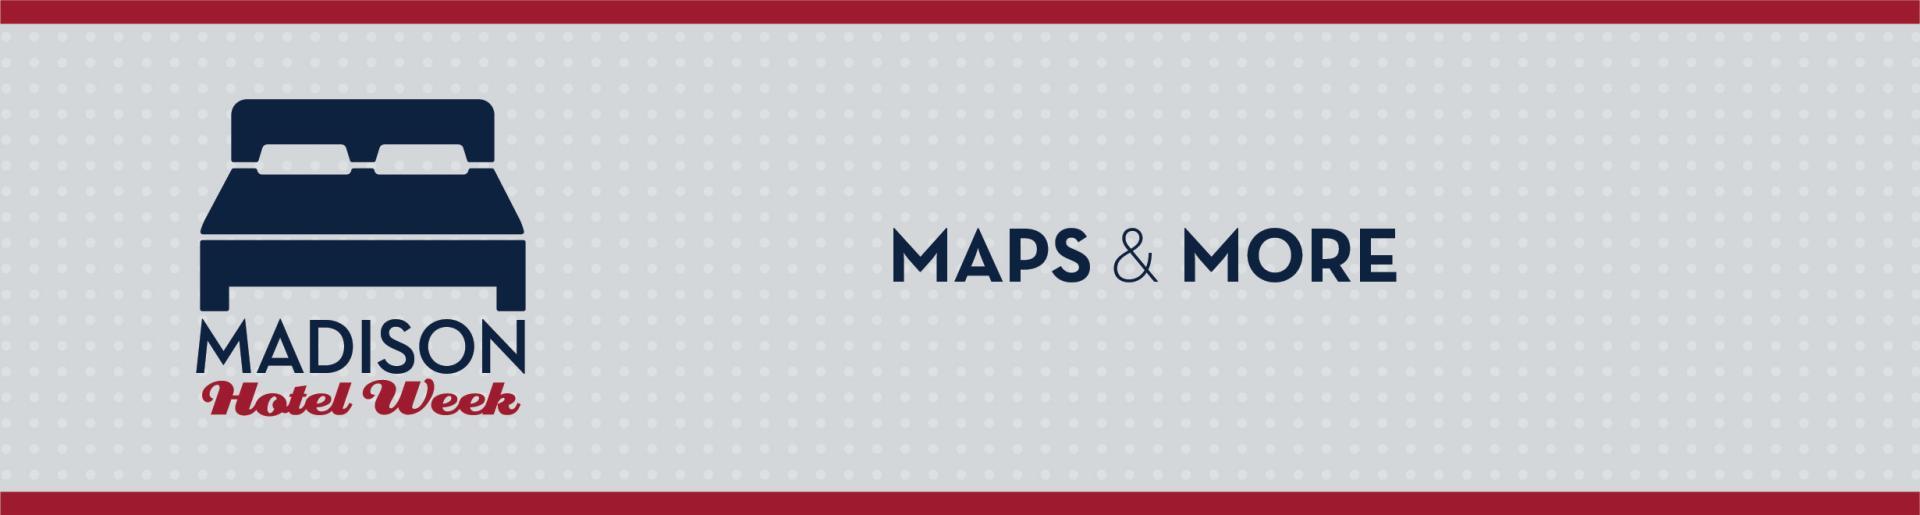 Madison Hotel Week: Maps